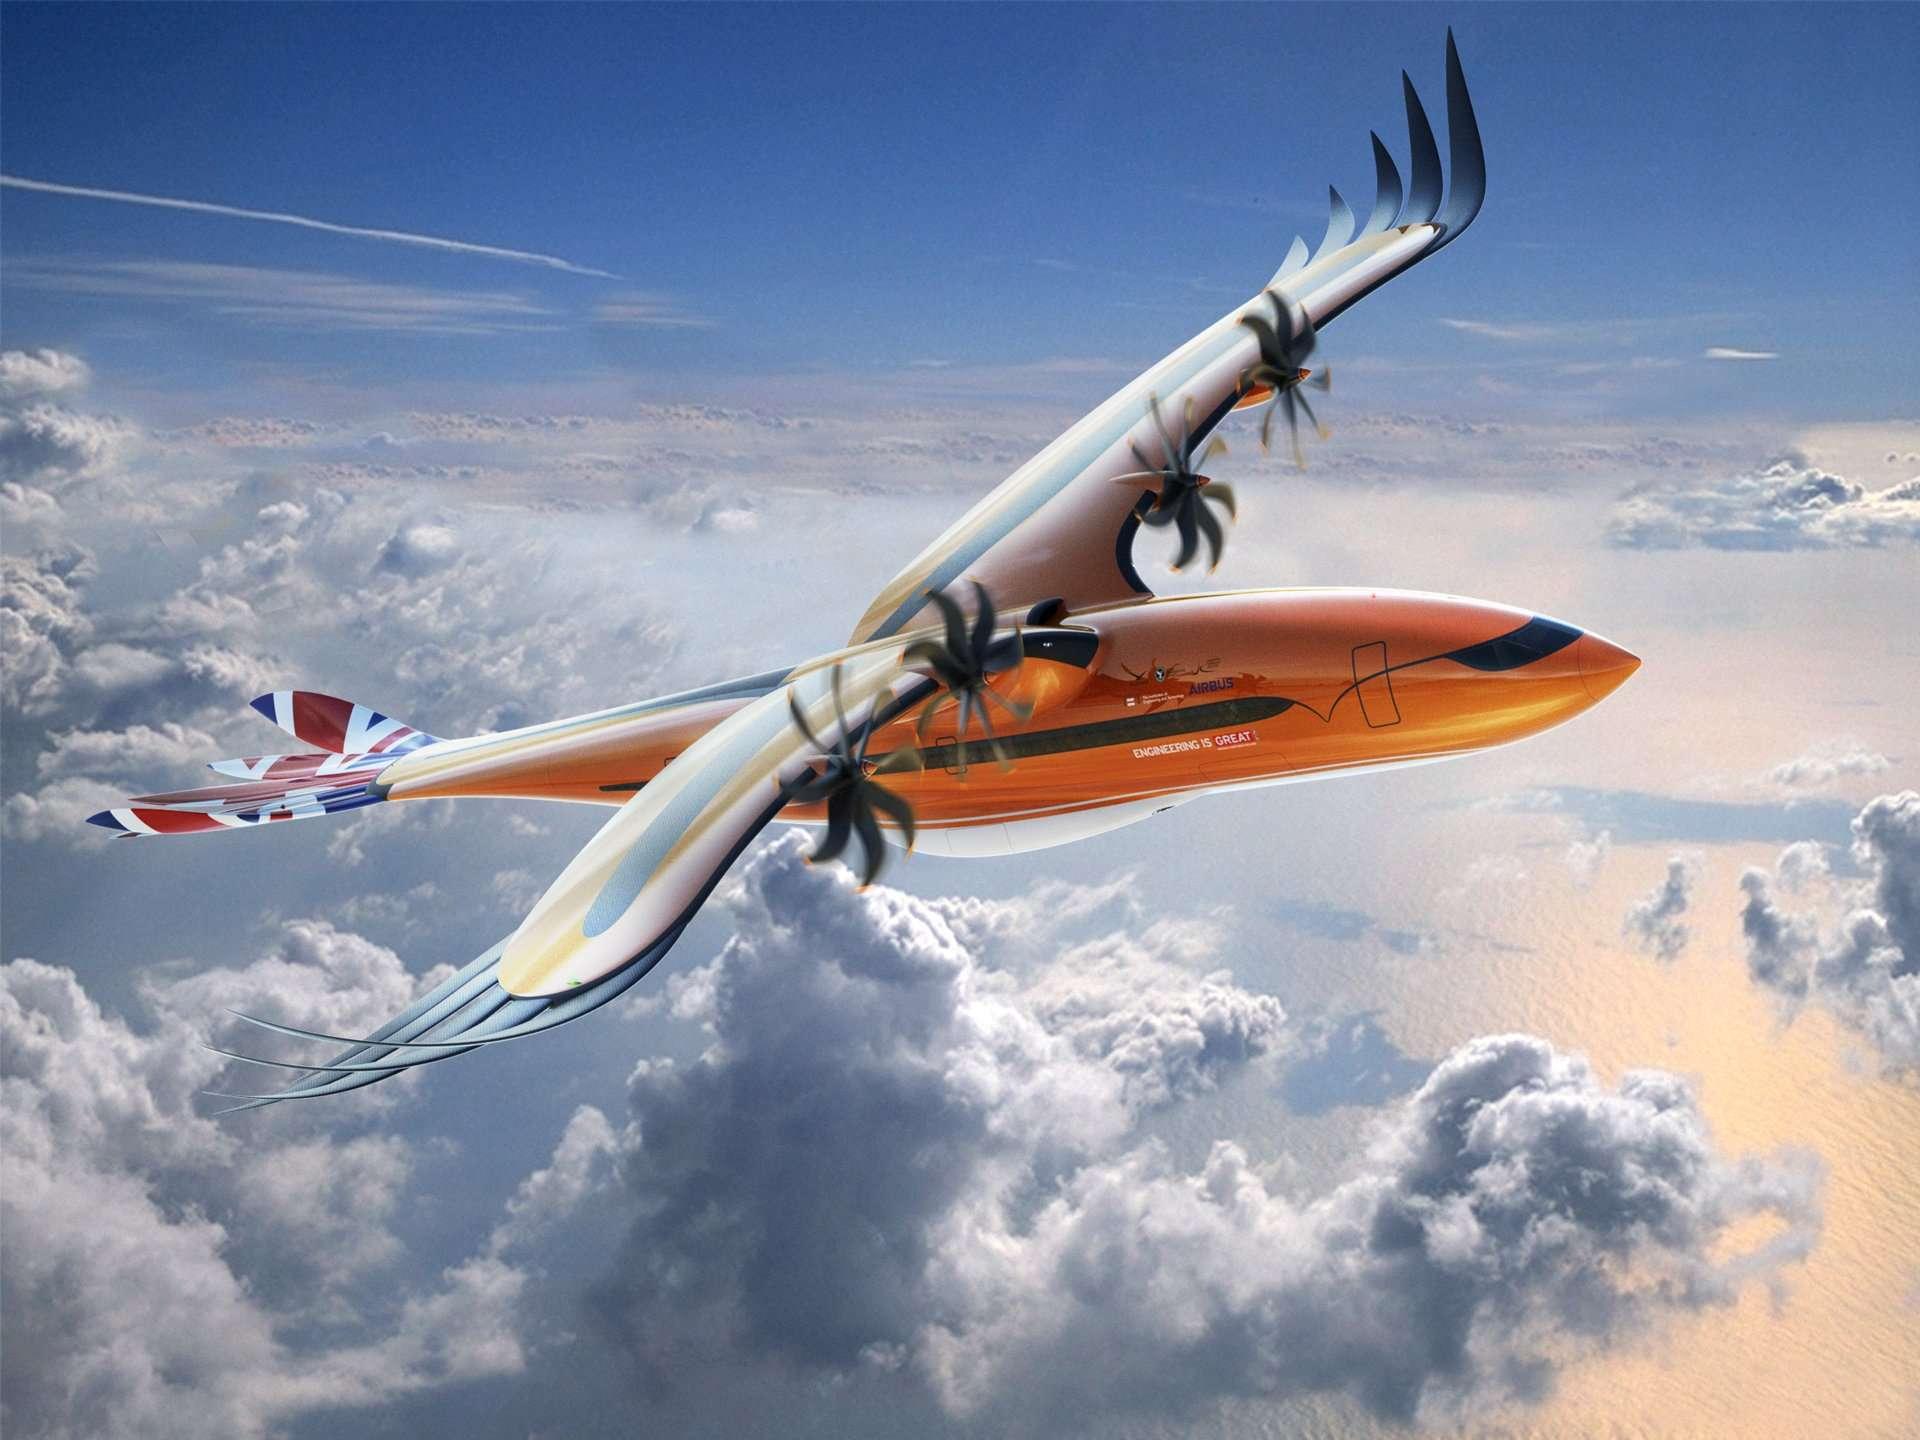 « L'oiseau de proie », un concept d'avion inspiré des rapaces. © Airbus